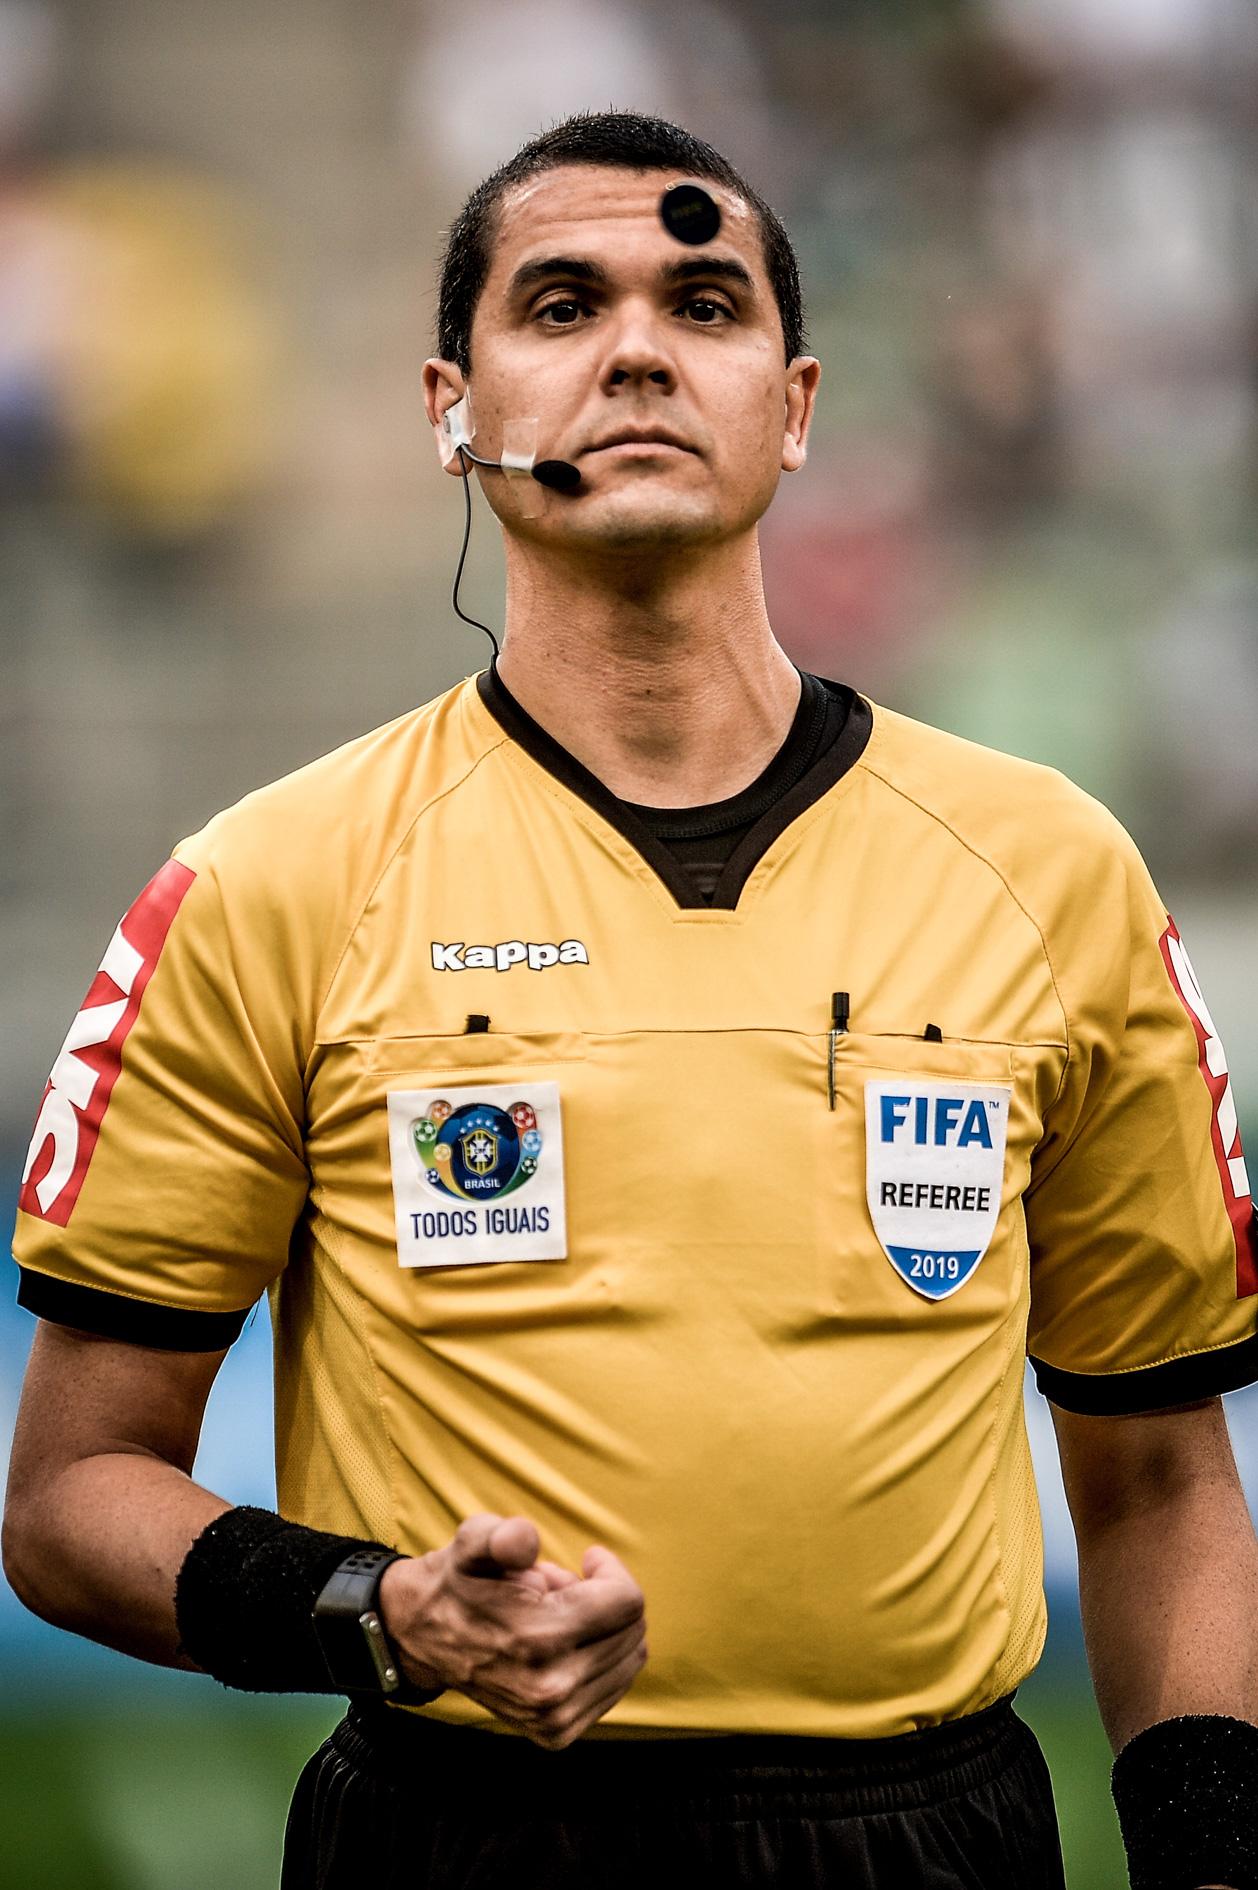 Palmeiras_X_Vasco_dudabairros_Agif_0493.